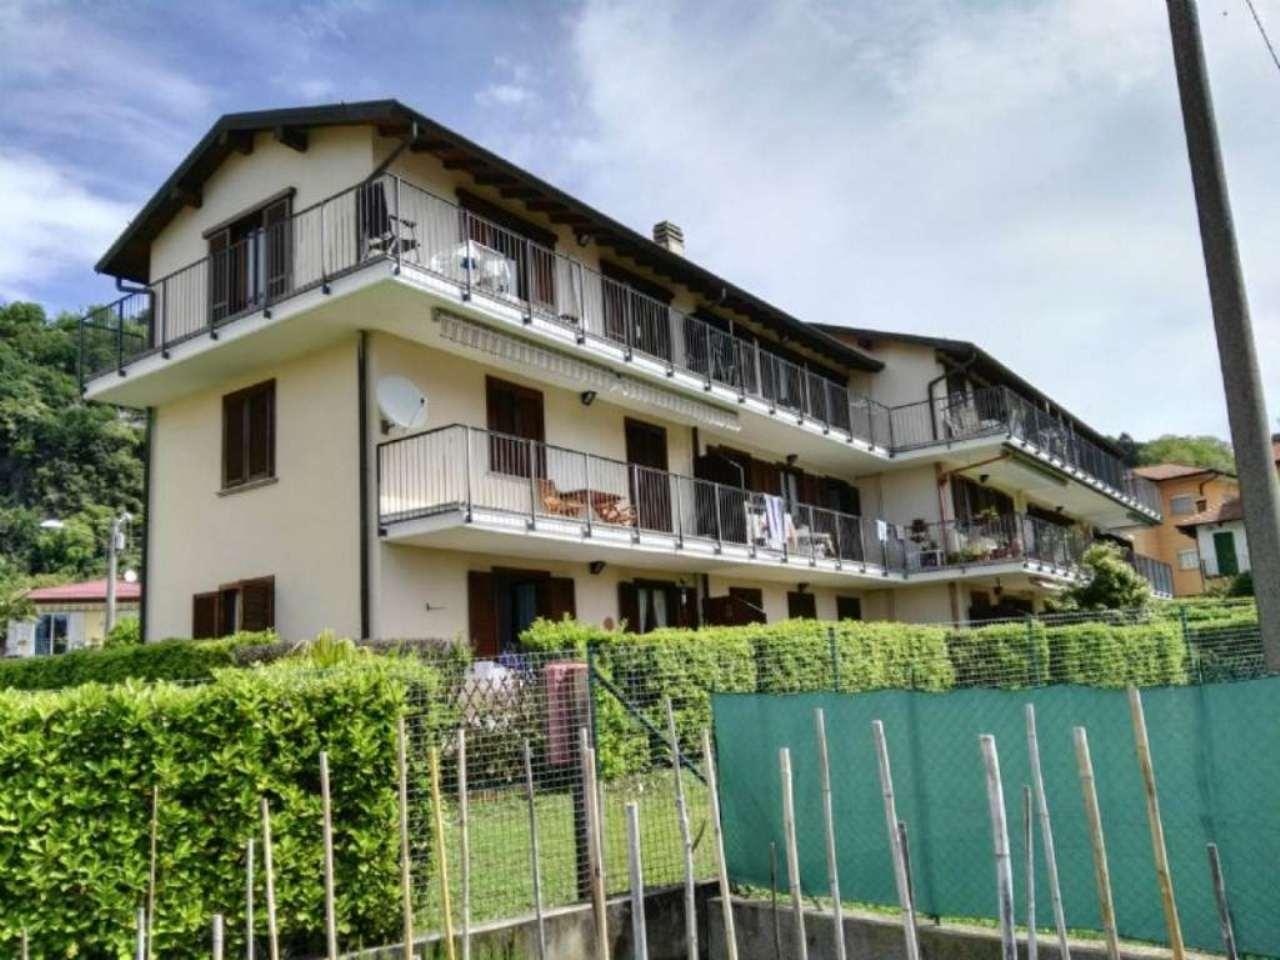 Appartamento in vendita a Maccagno con Pino e Veddasca, 2 locali, prezzo € 135.000 | Cambio Casa.it